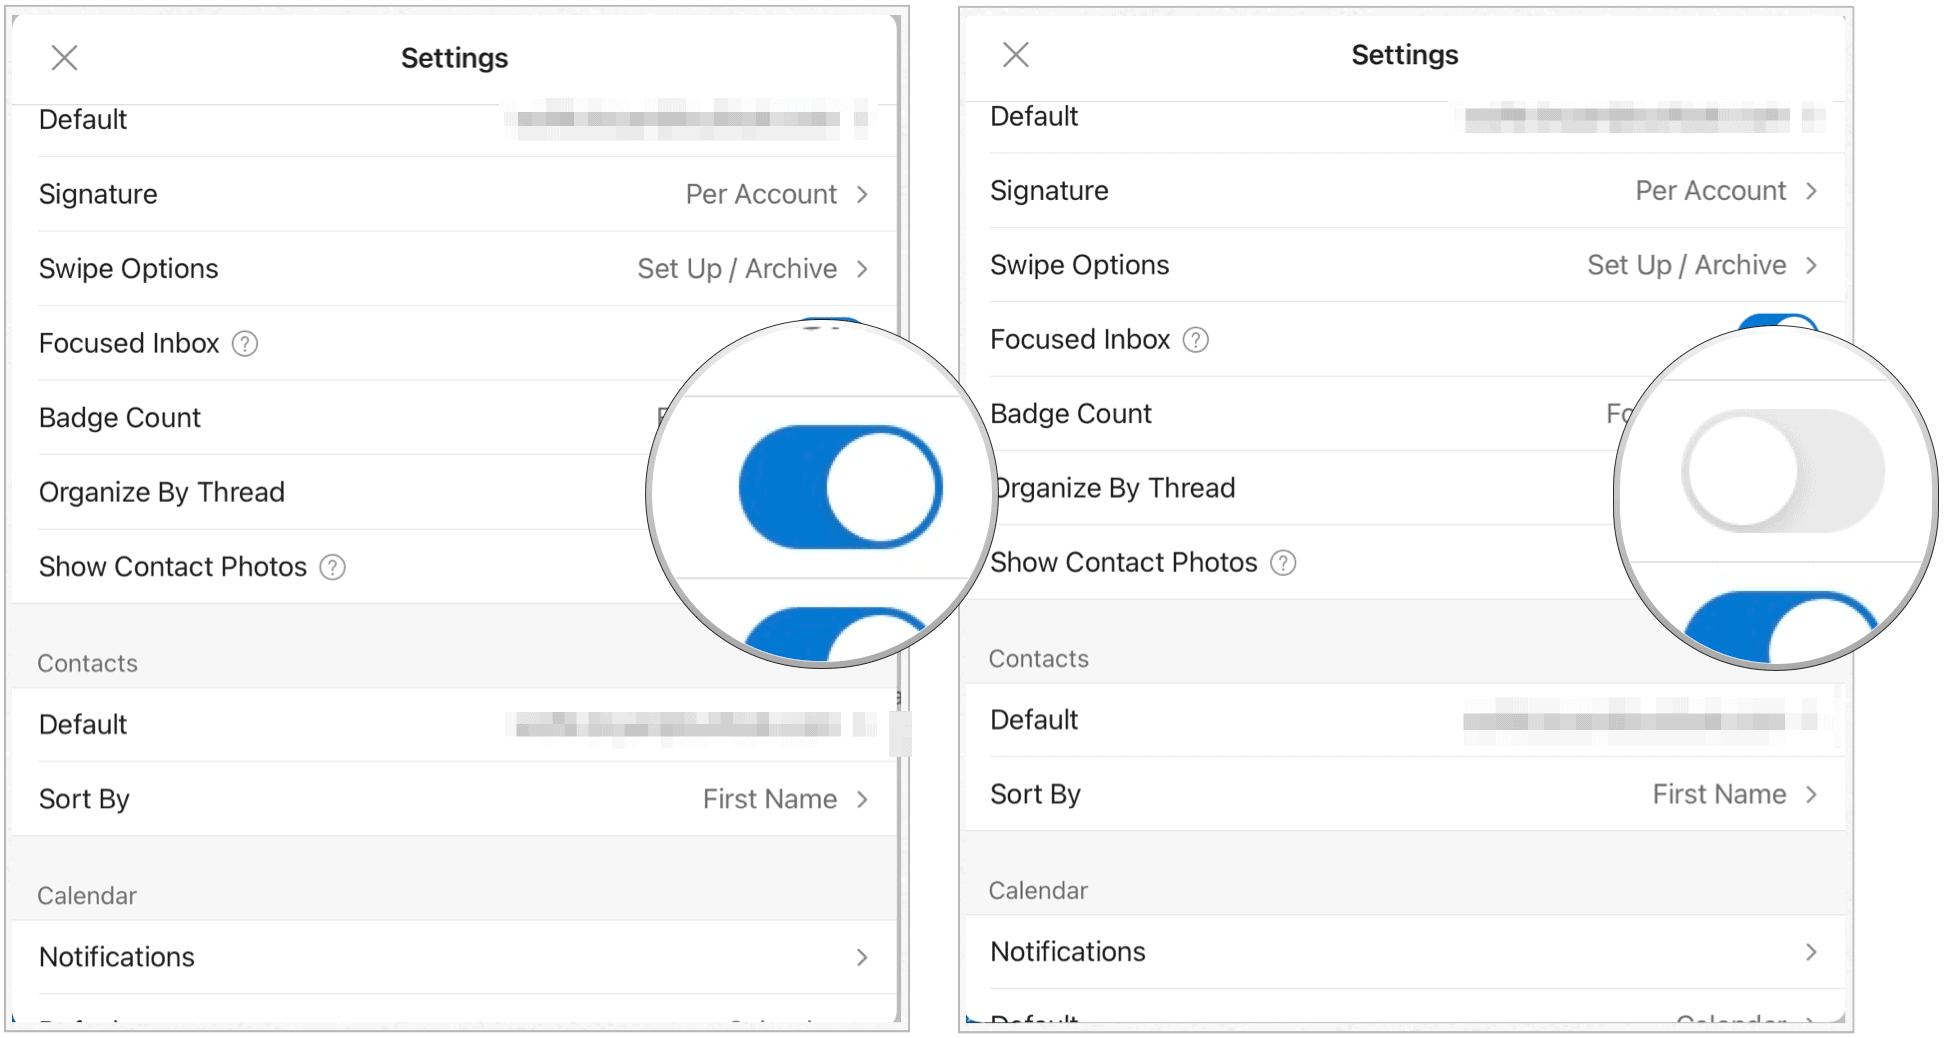 Microsoft Outlook on iPad organization